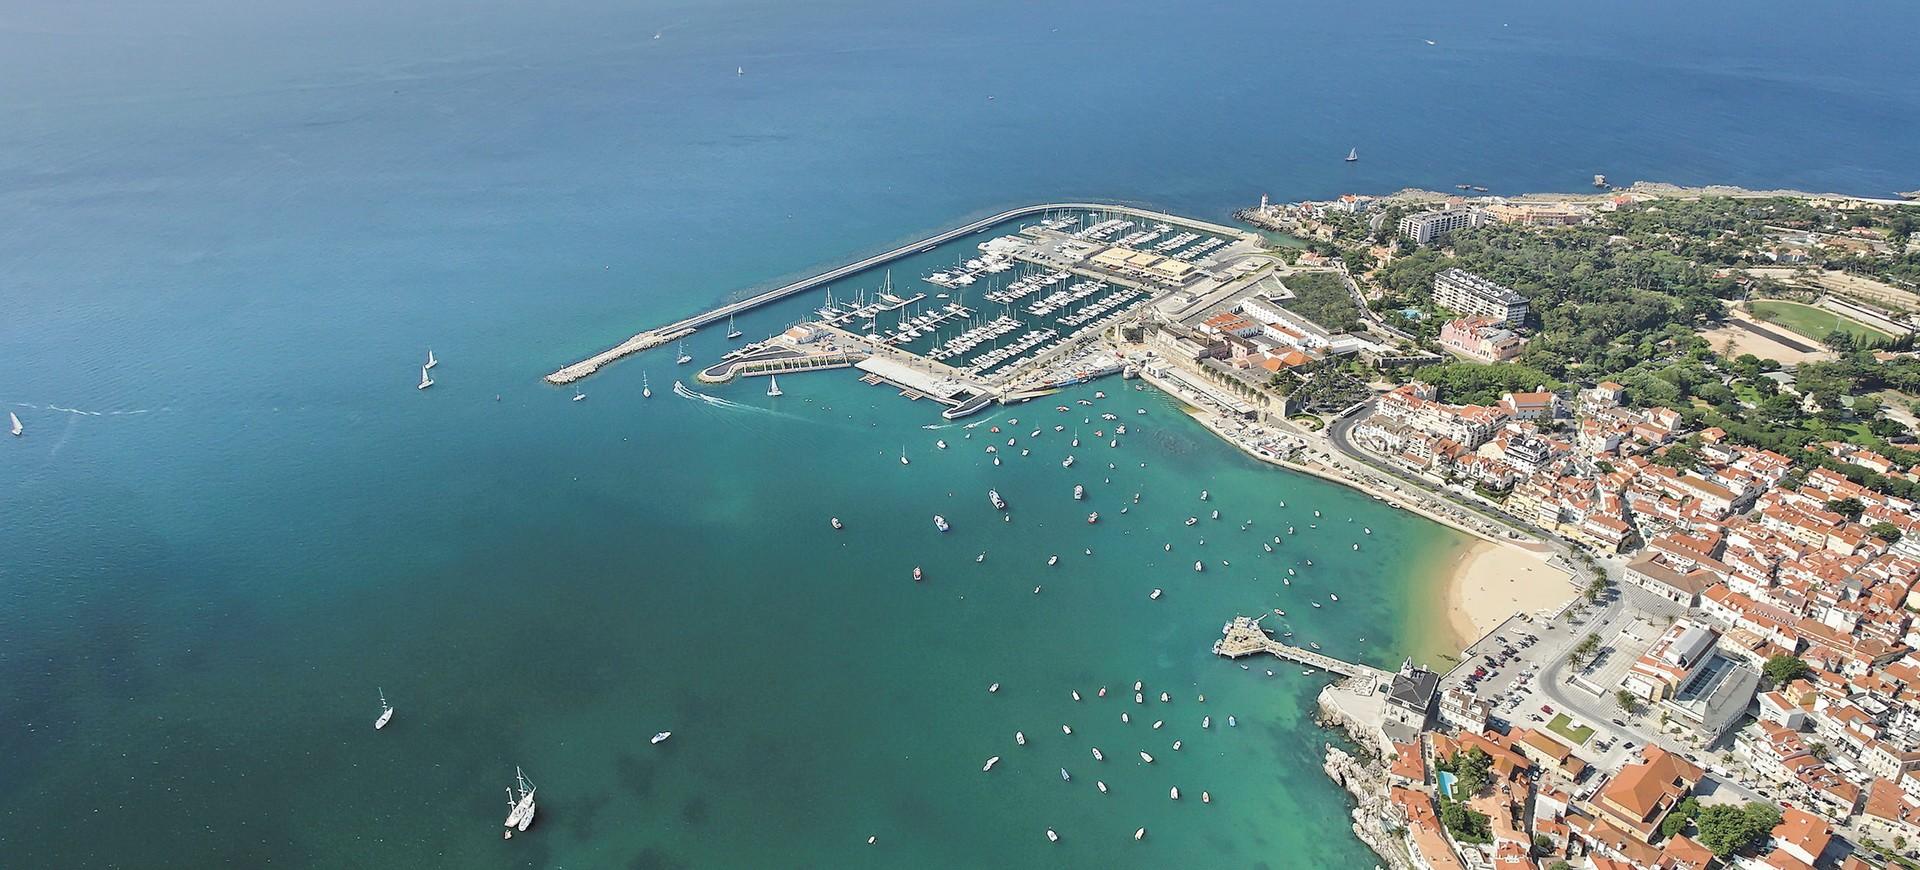 Portugal Estoril Sintra Cascais Marina